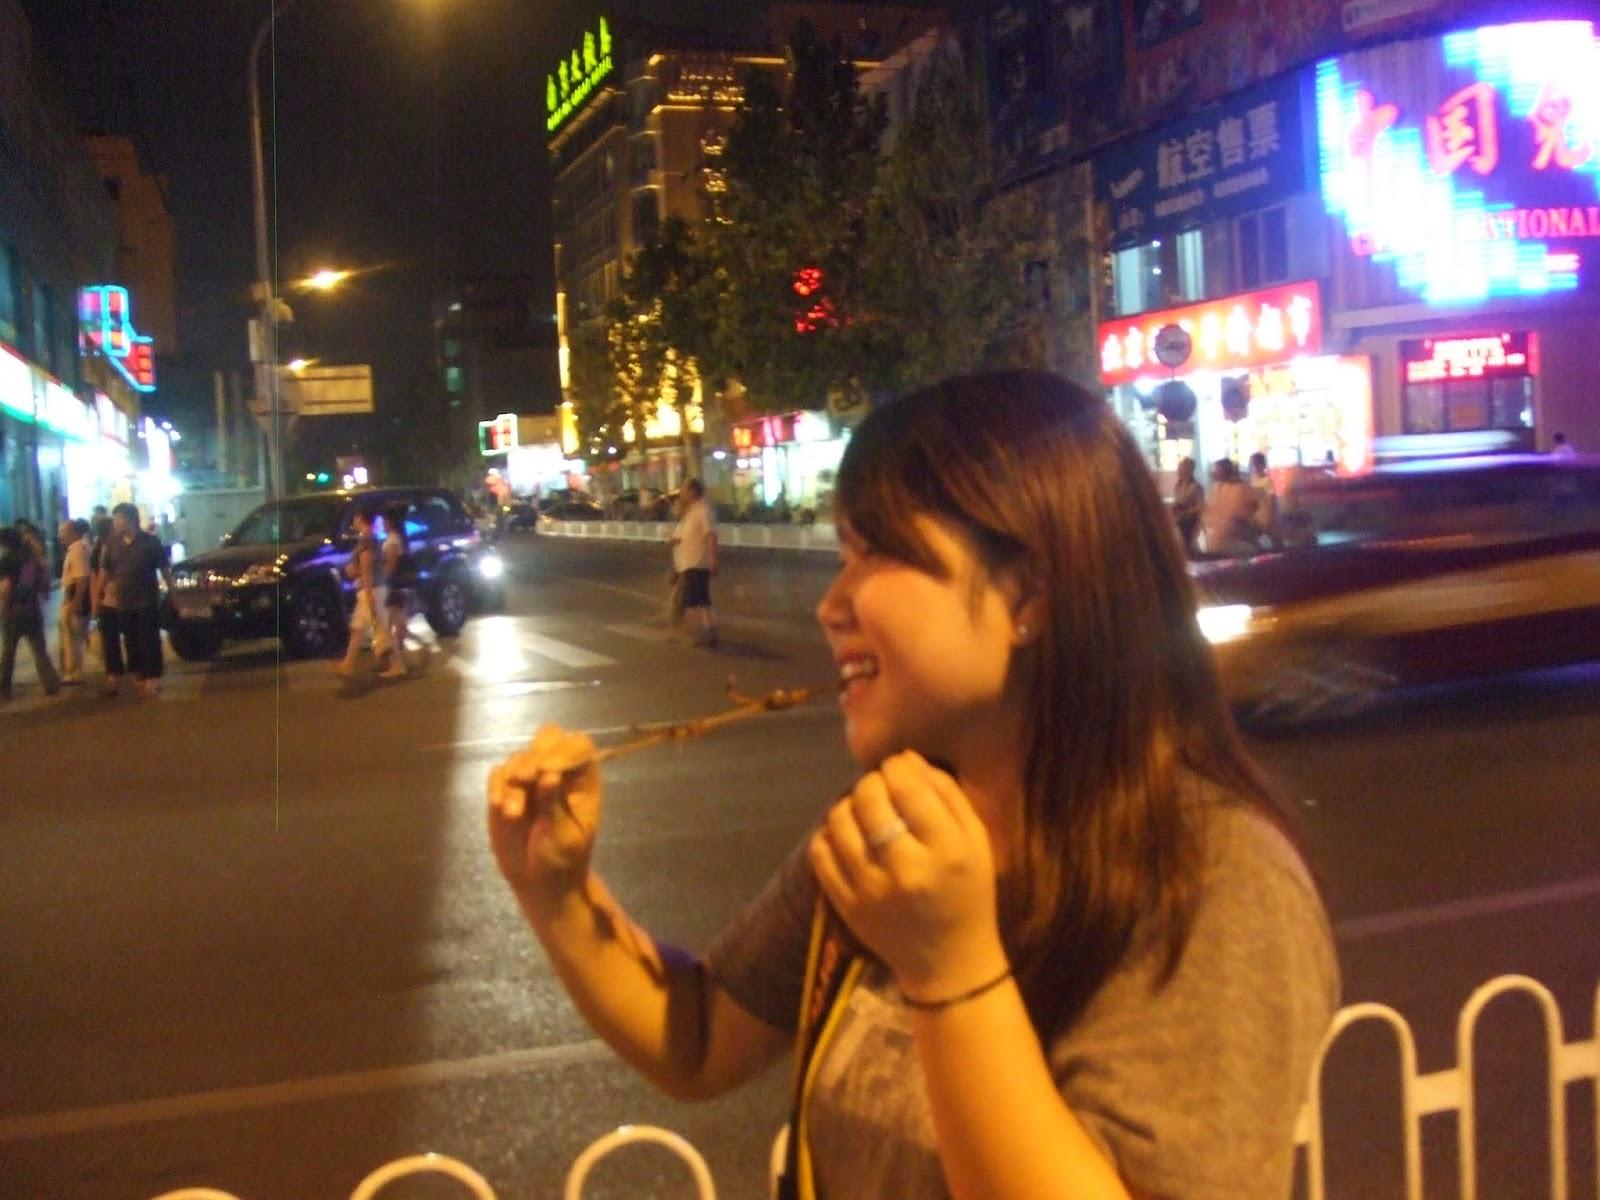 Chinesin isst Spinnentier in der Stadt am Abend